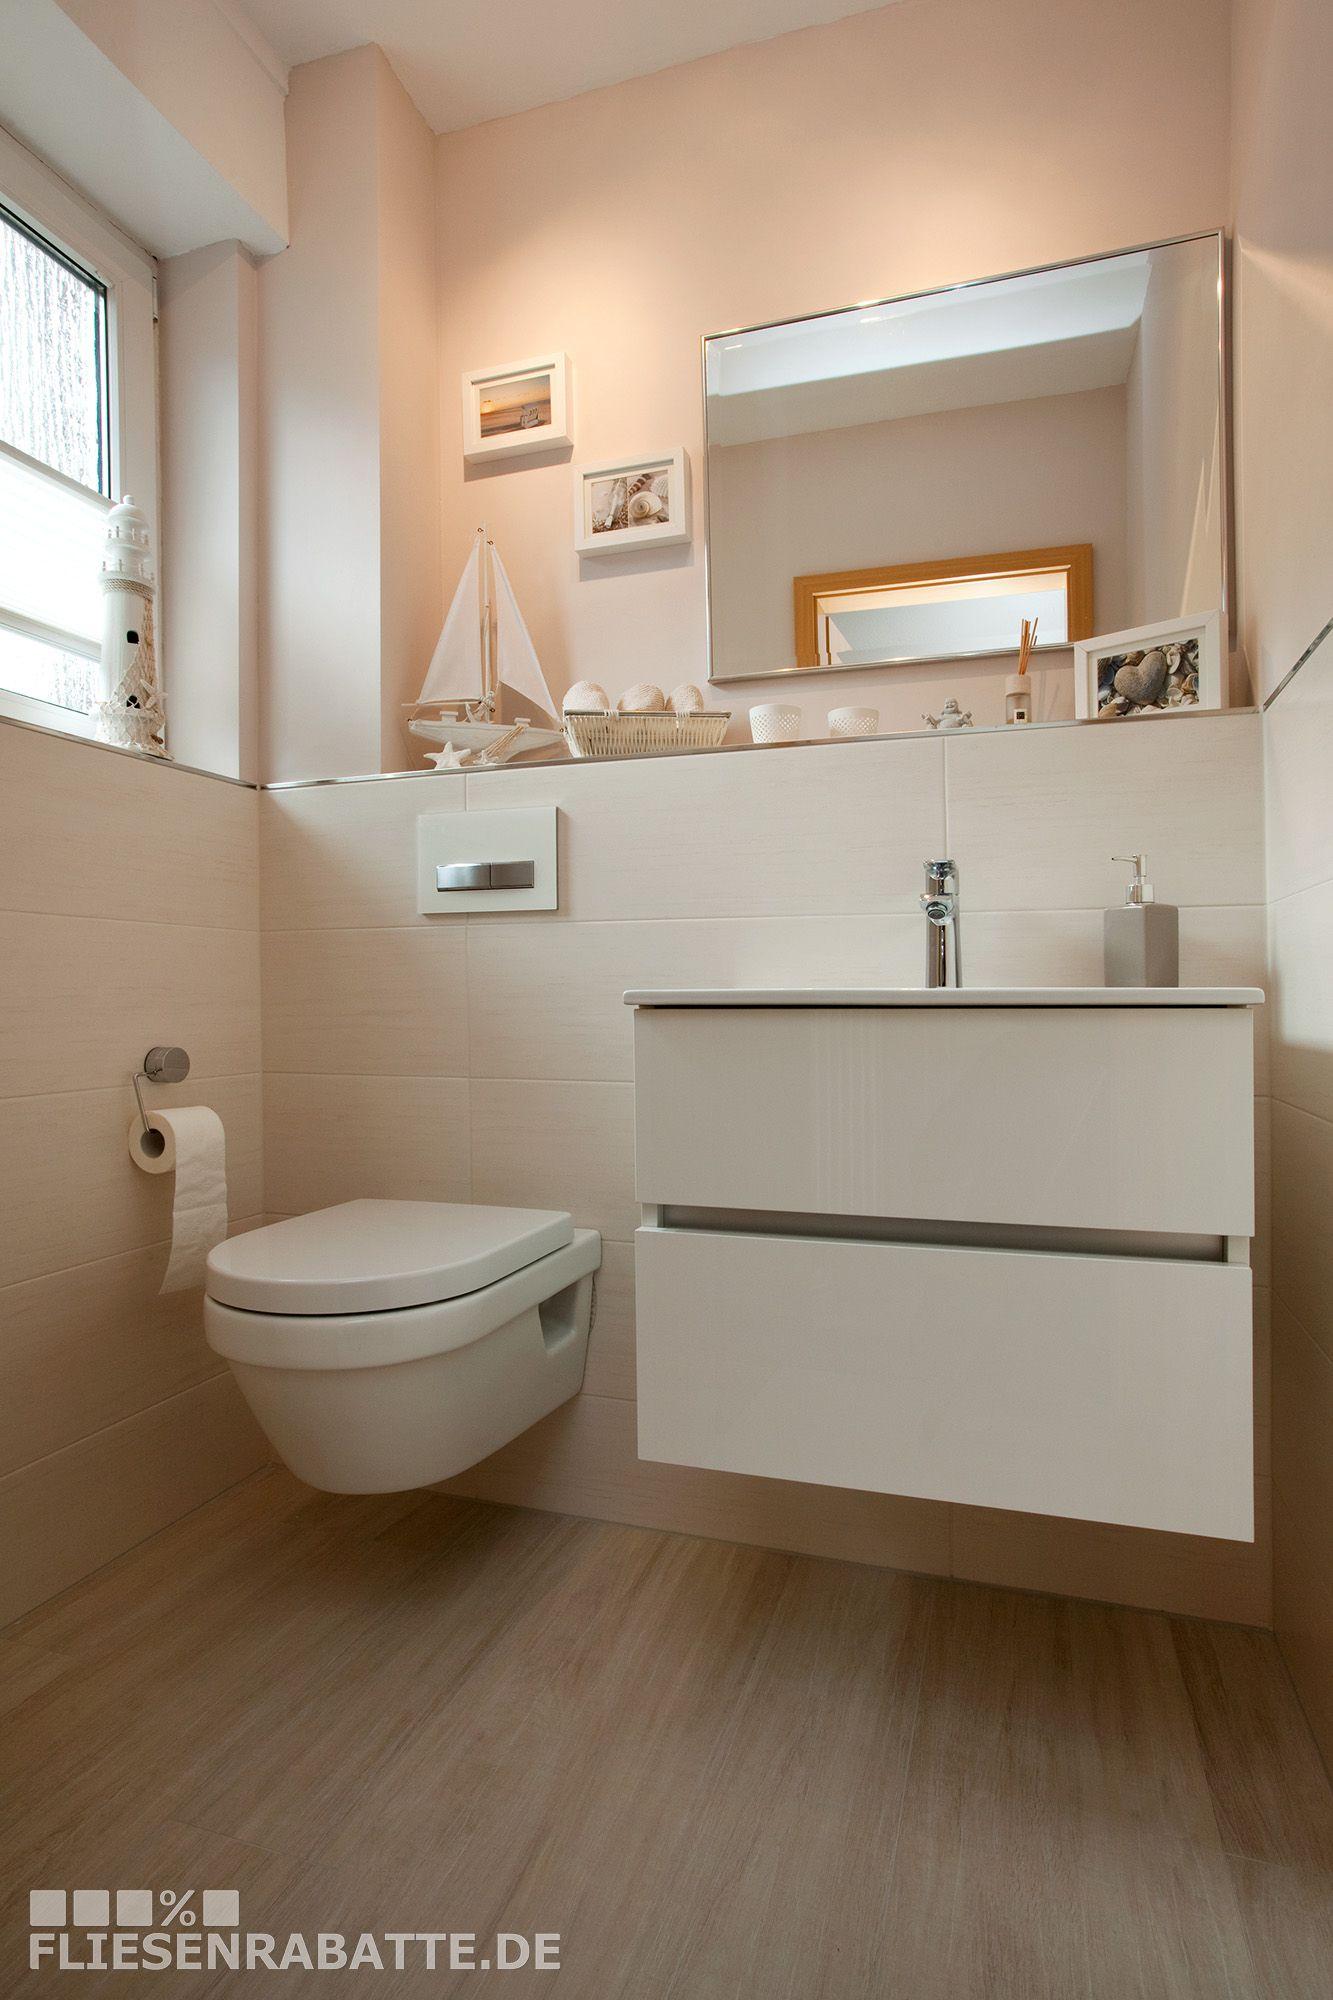 Perfekt Verlegung Der Fliesen Vom Flur Eingangsbereich Direkt Mit In Das  Angrenzende Gäste WC.